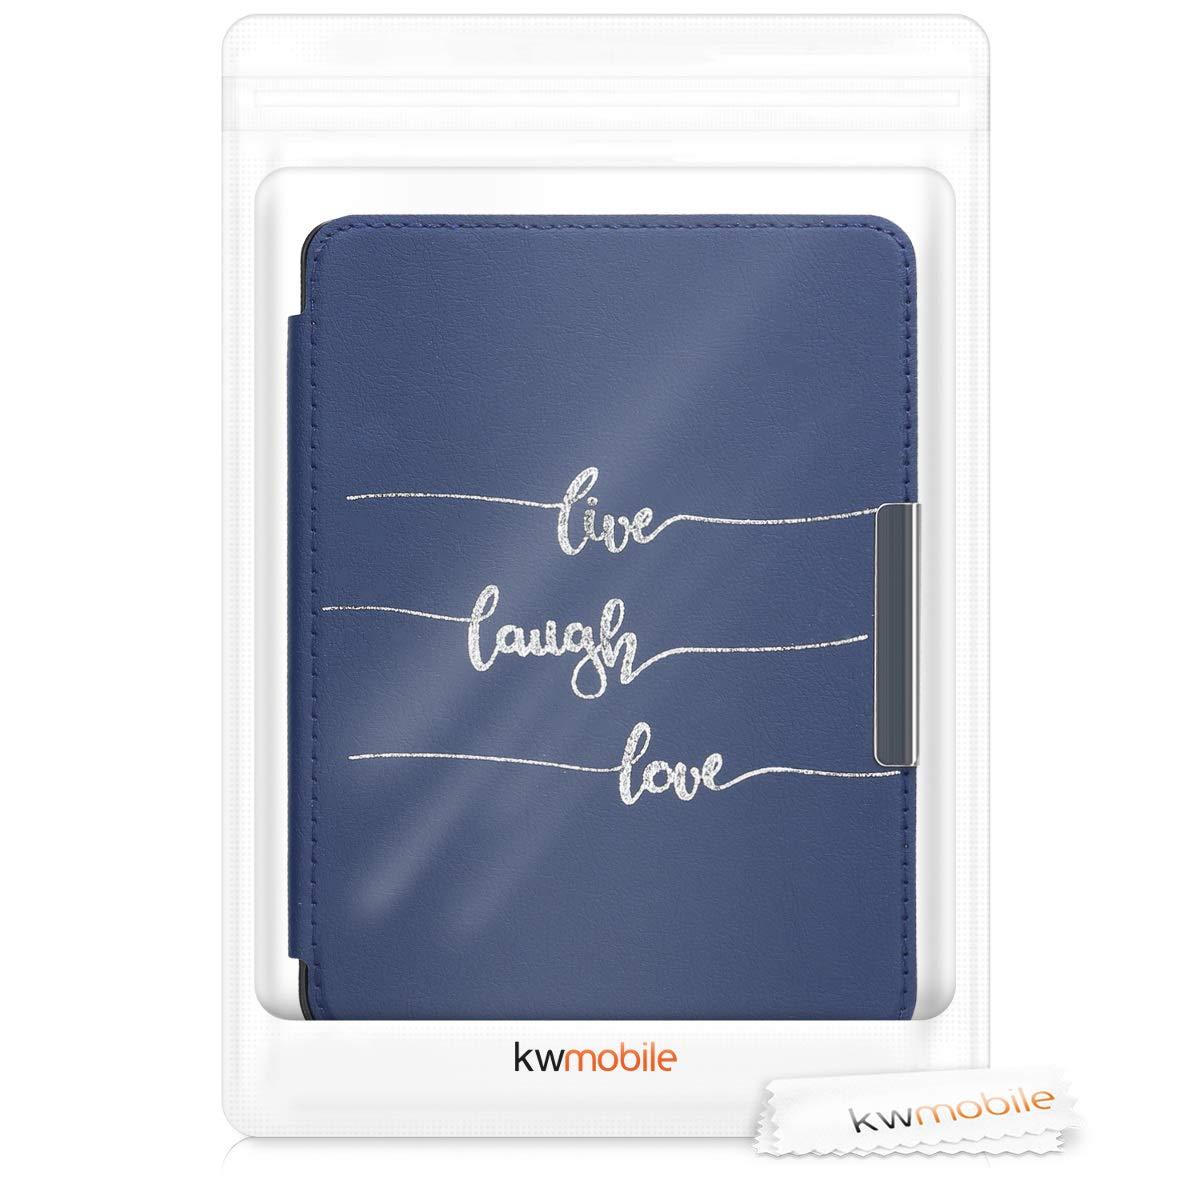 kwmobile Funda para Kobo Clara HD Carcasa para e-Reader de Cuero sint/ético - Case con dise/ño con Mensaje Positivo